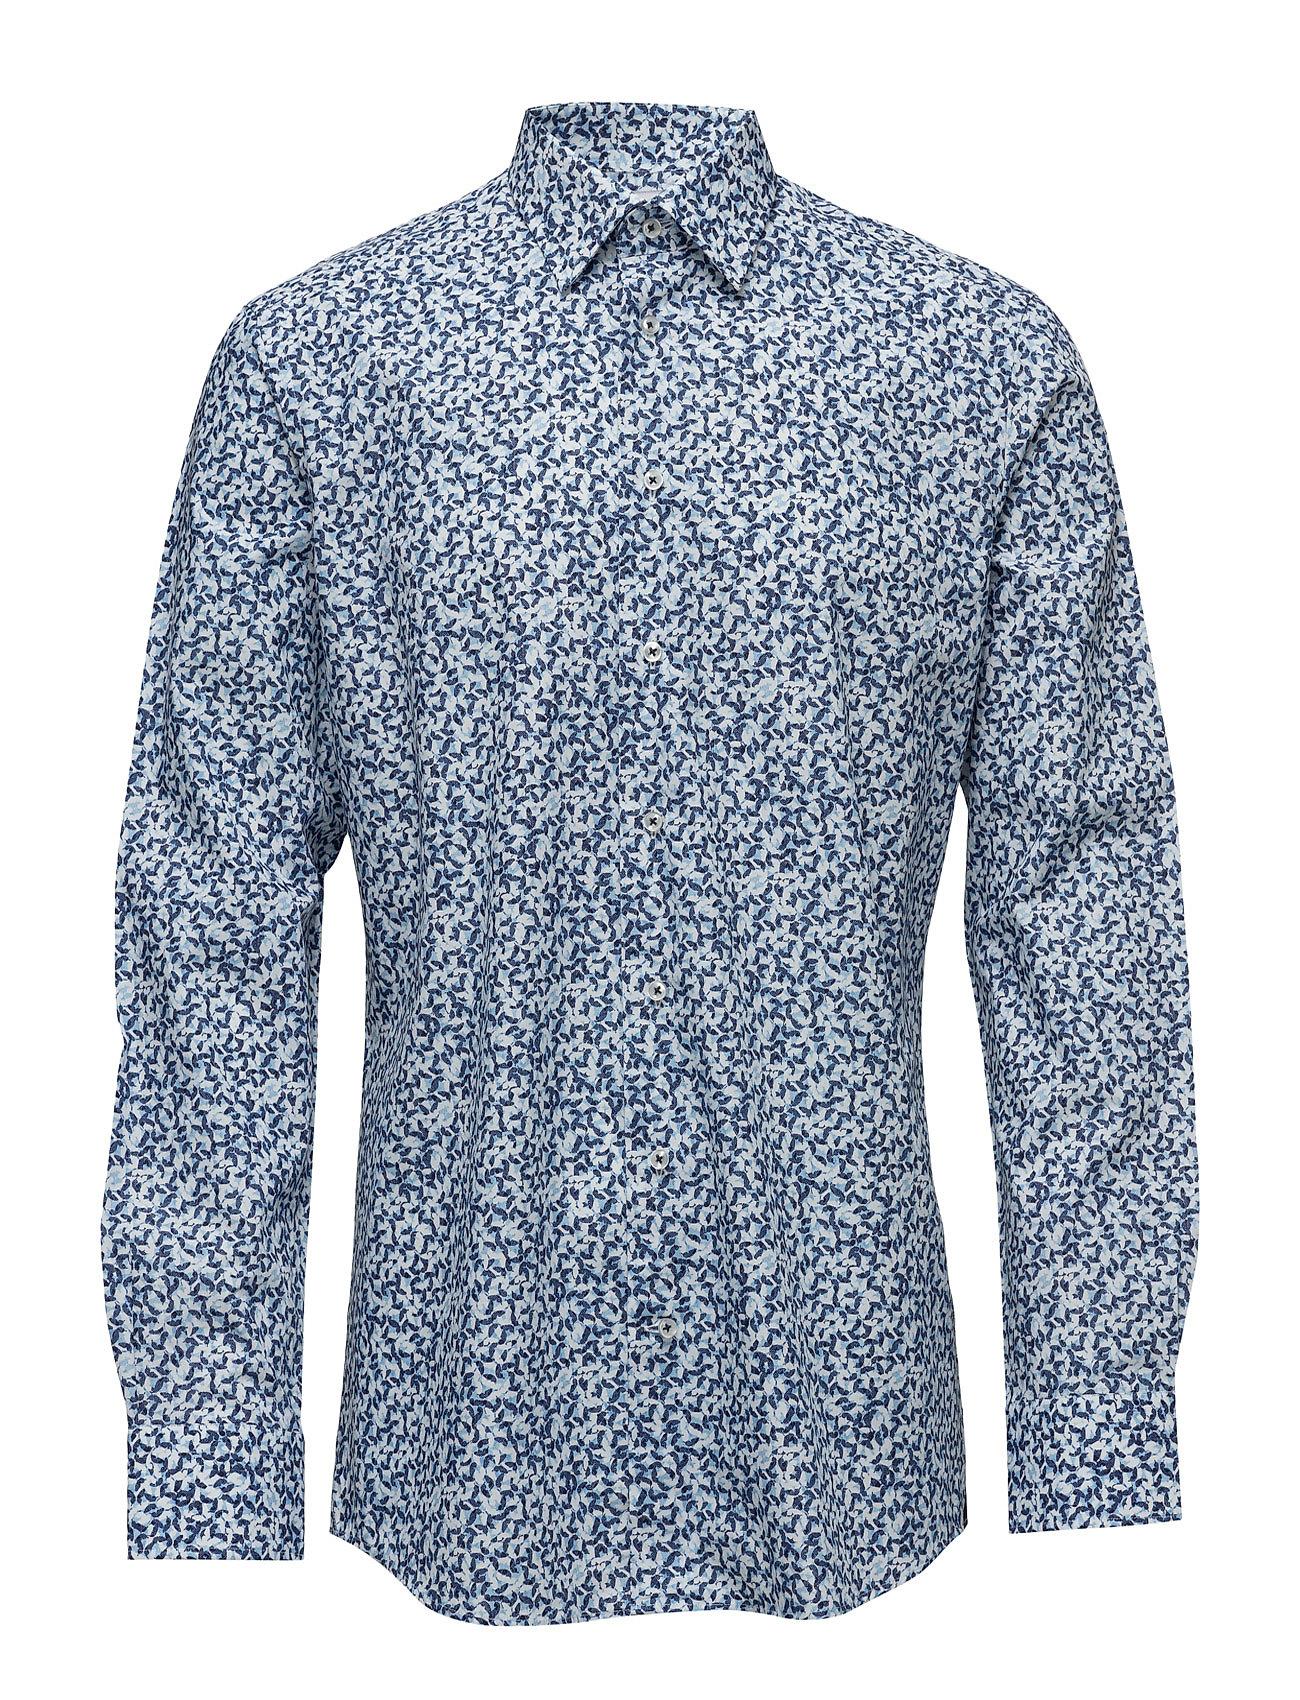 8678 - Gordon Sc XO Shirtmaker Trøjer til Mænd i Medium Blå